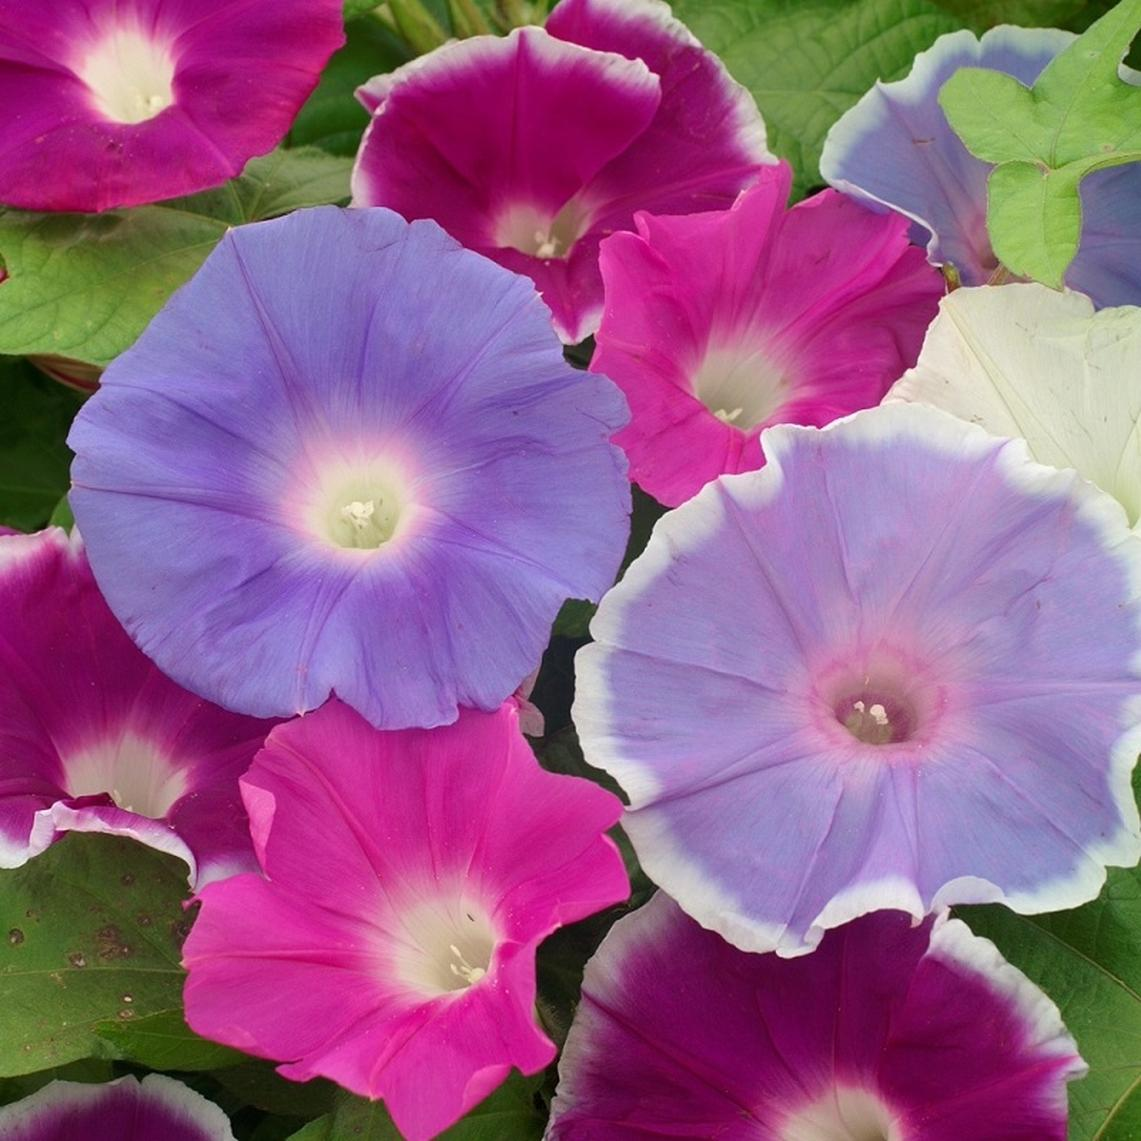 Ảnh hoa bìm bịp đủ màu sắc